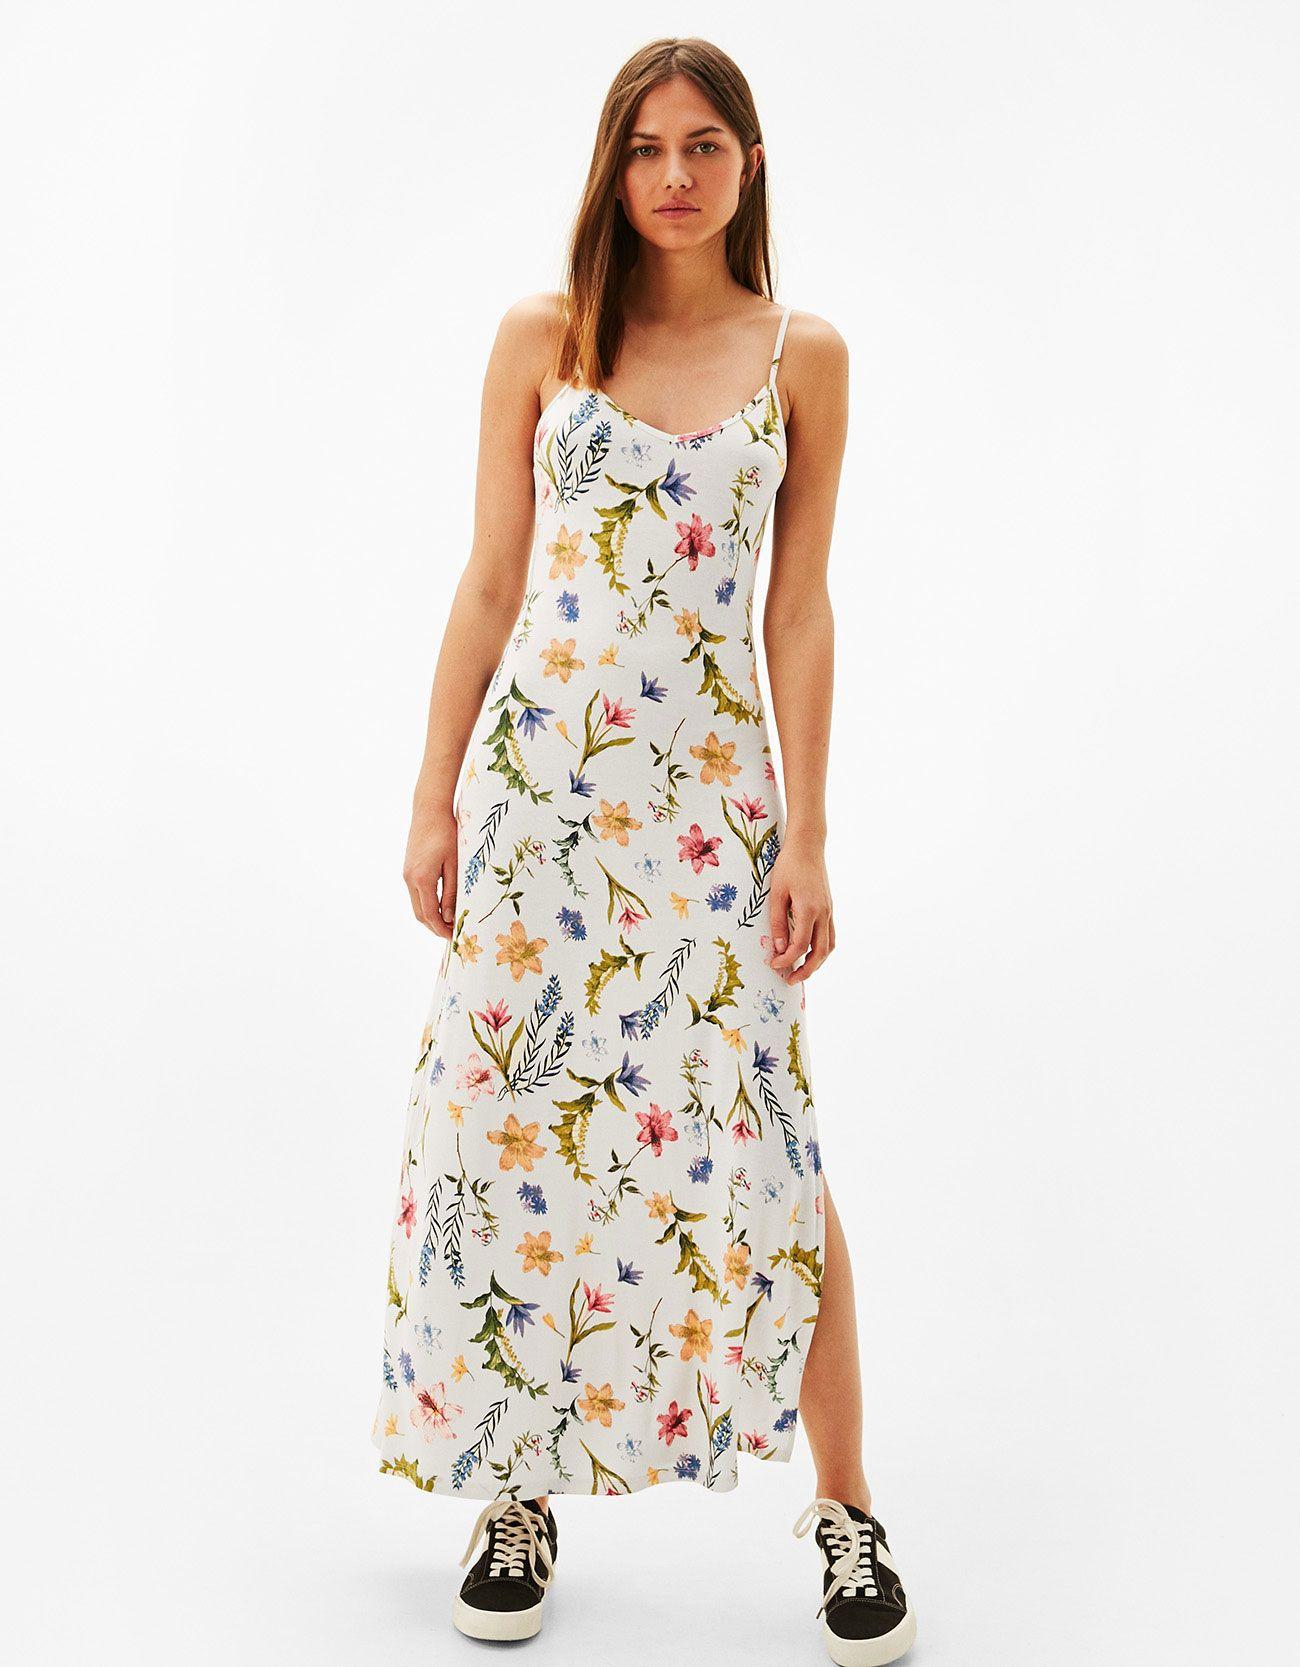 Vestido largo tirantes. Descubre ésta y muchas otras prendas en Bershka con  nuevos productos cada semana 1ddd8bfcbbb9